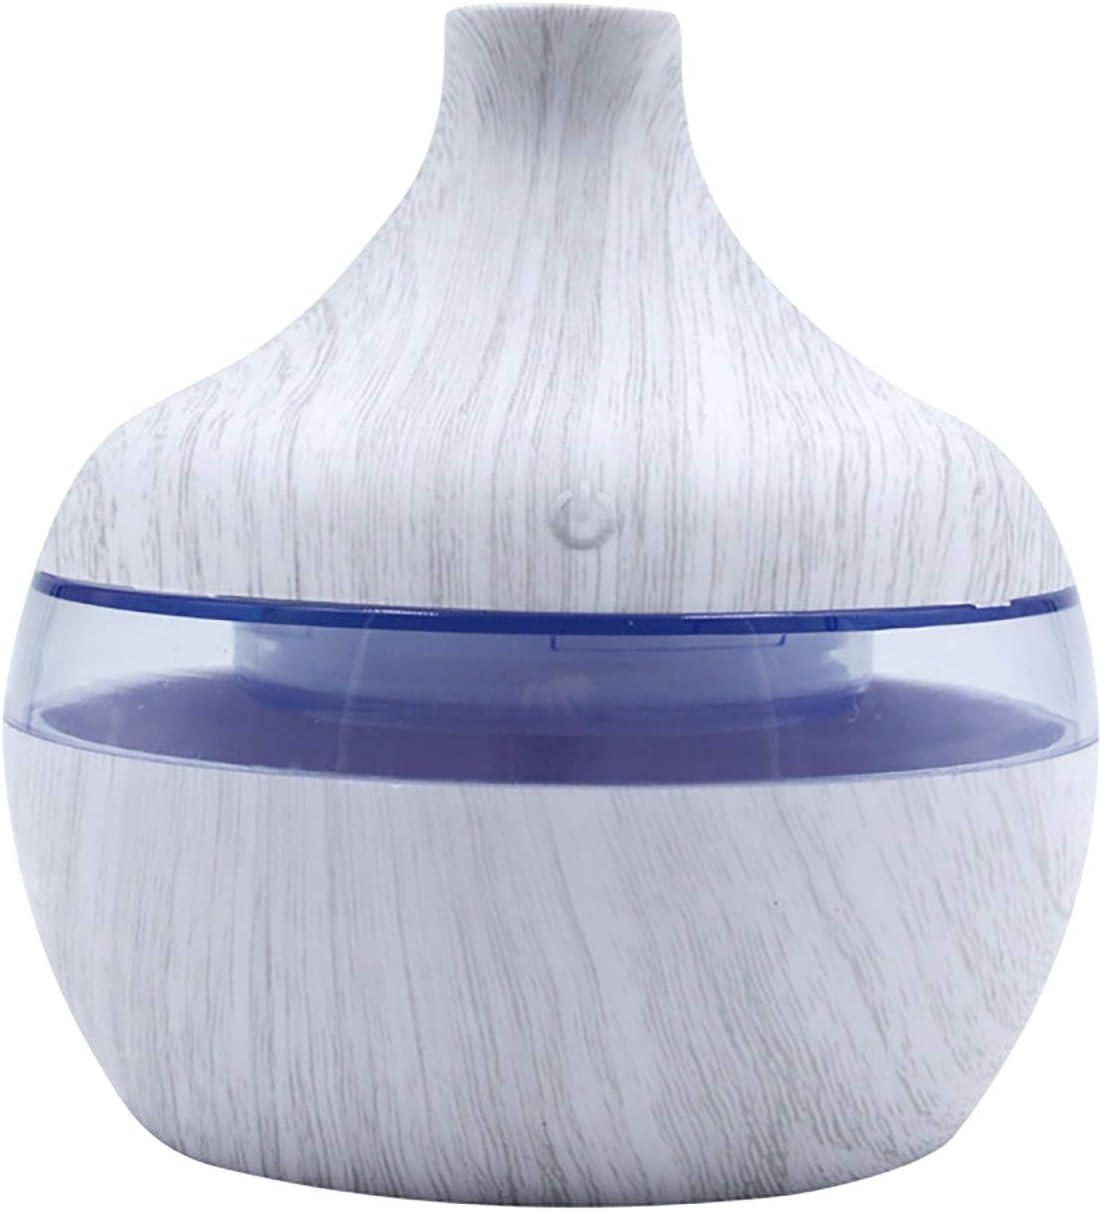 Difusor de Aceites Esenciales Para el Hogar de 300ml, Humidificadores de Onnovaciones de Aire, Máquina de Aromaterapia, Difusor de Aroma, Difusor de Humidificador con 7 Colores LED